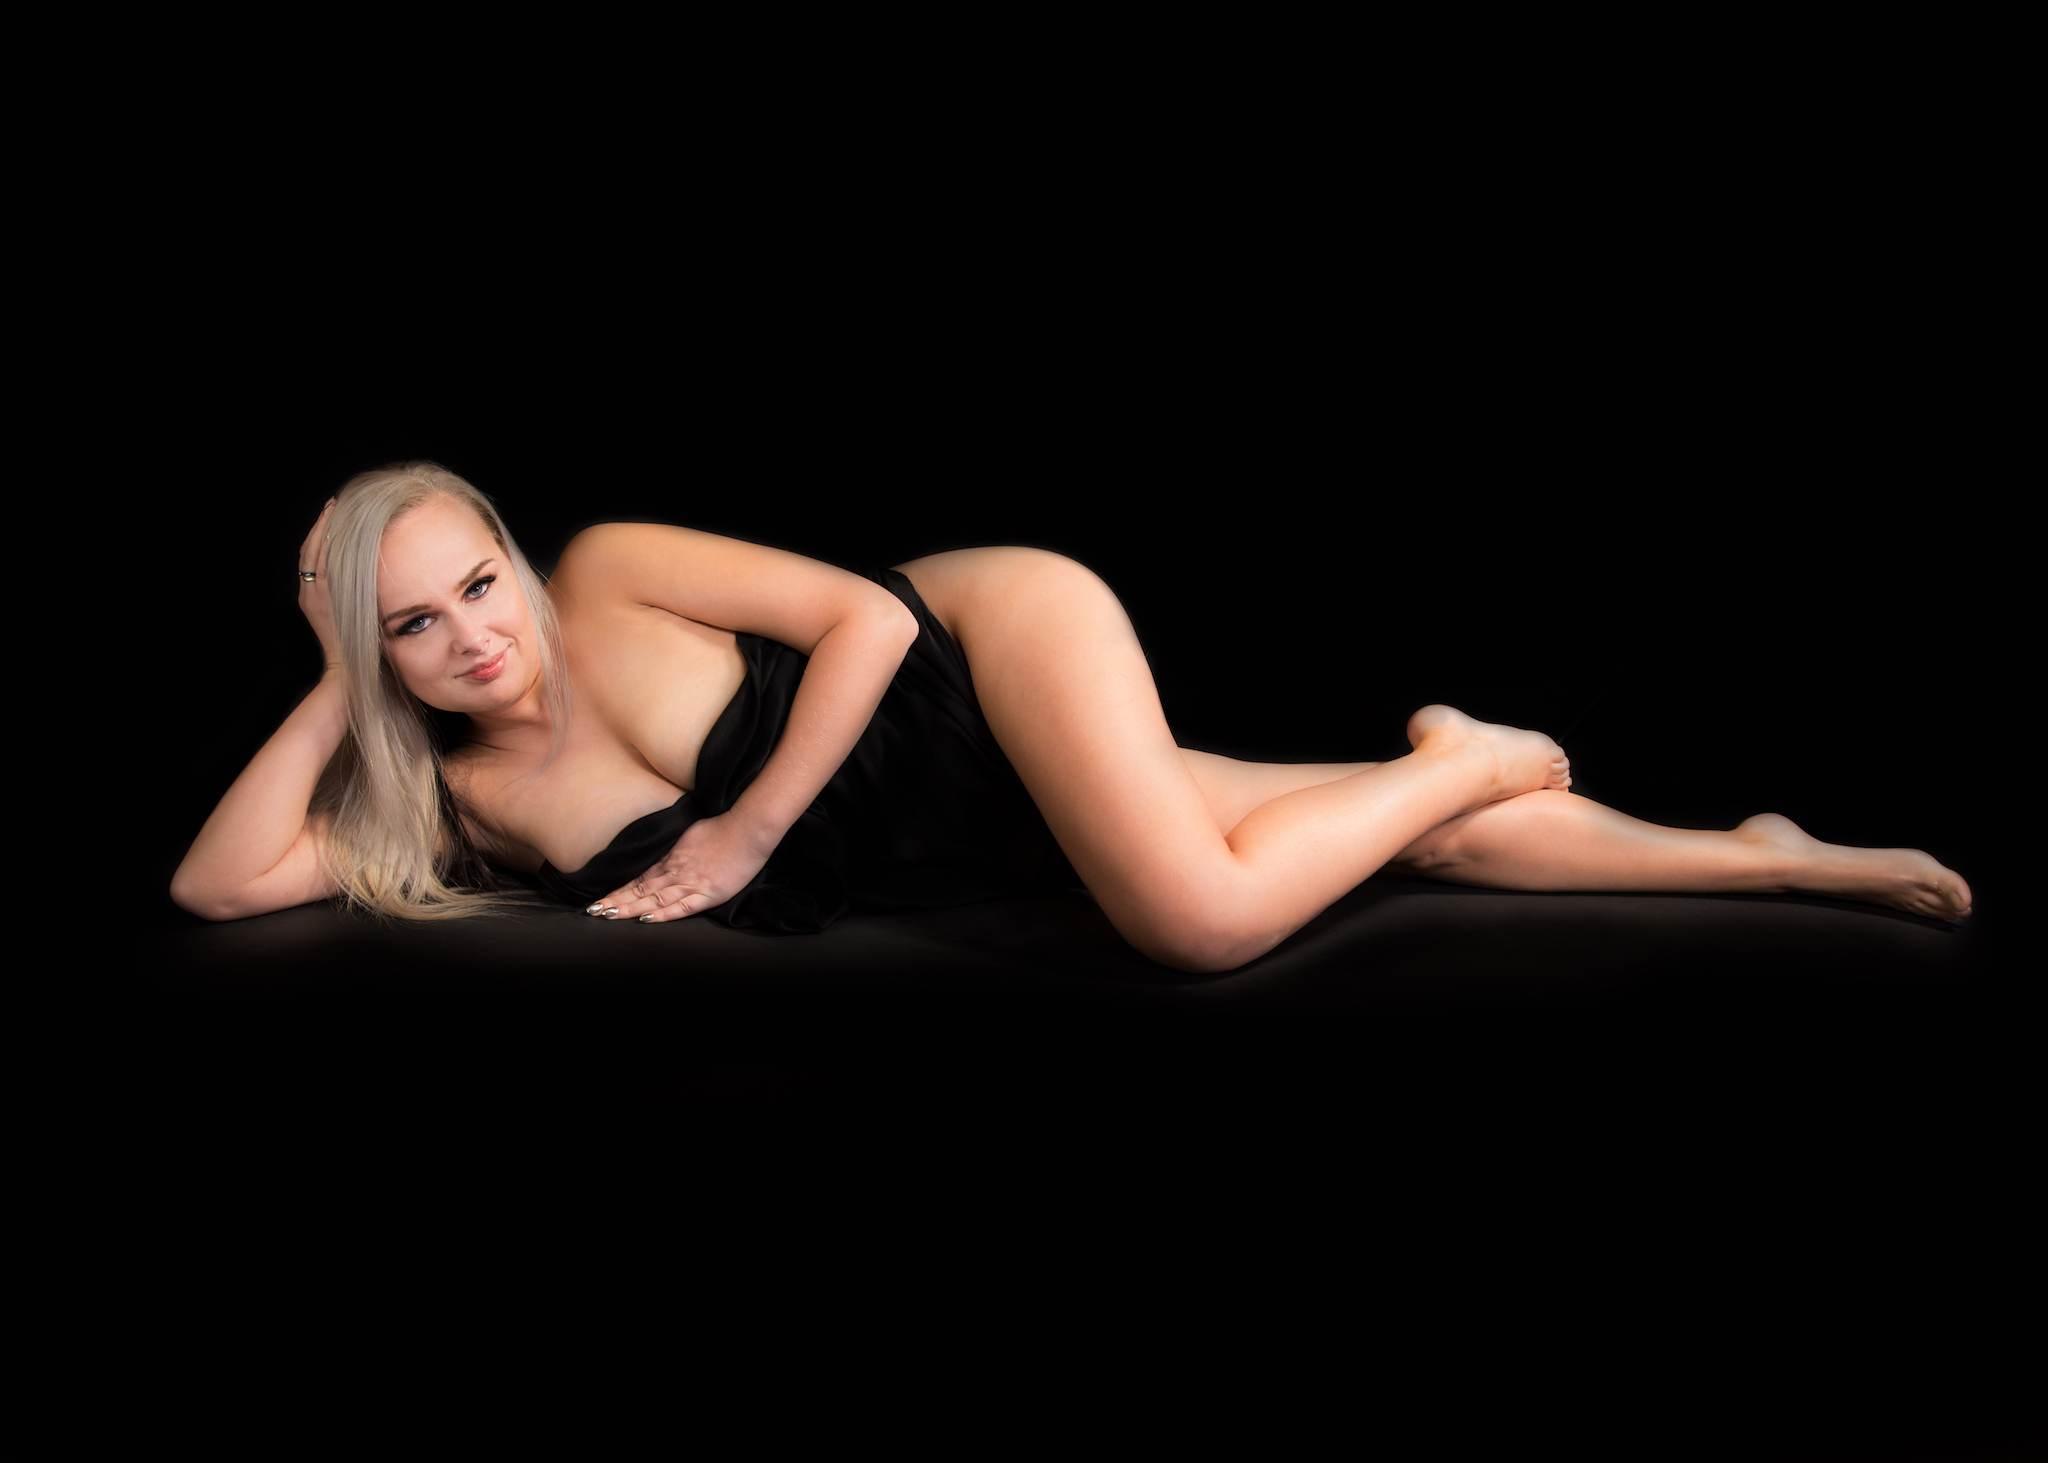 sesja sensualna poznań